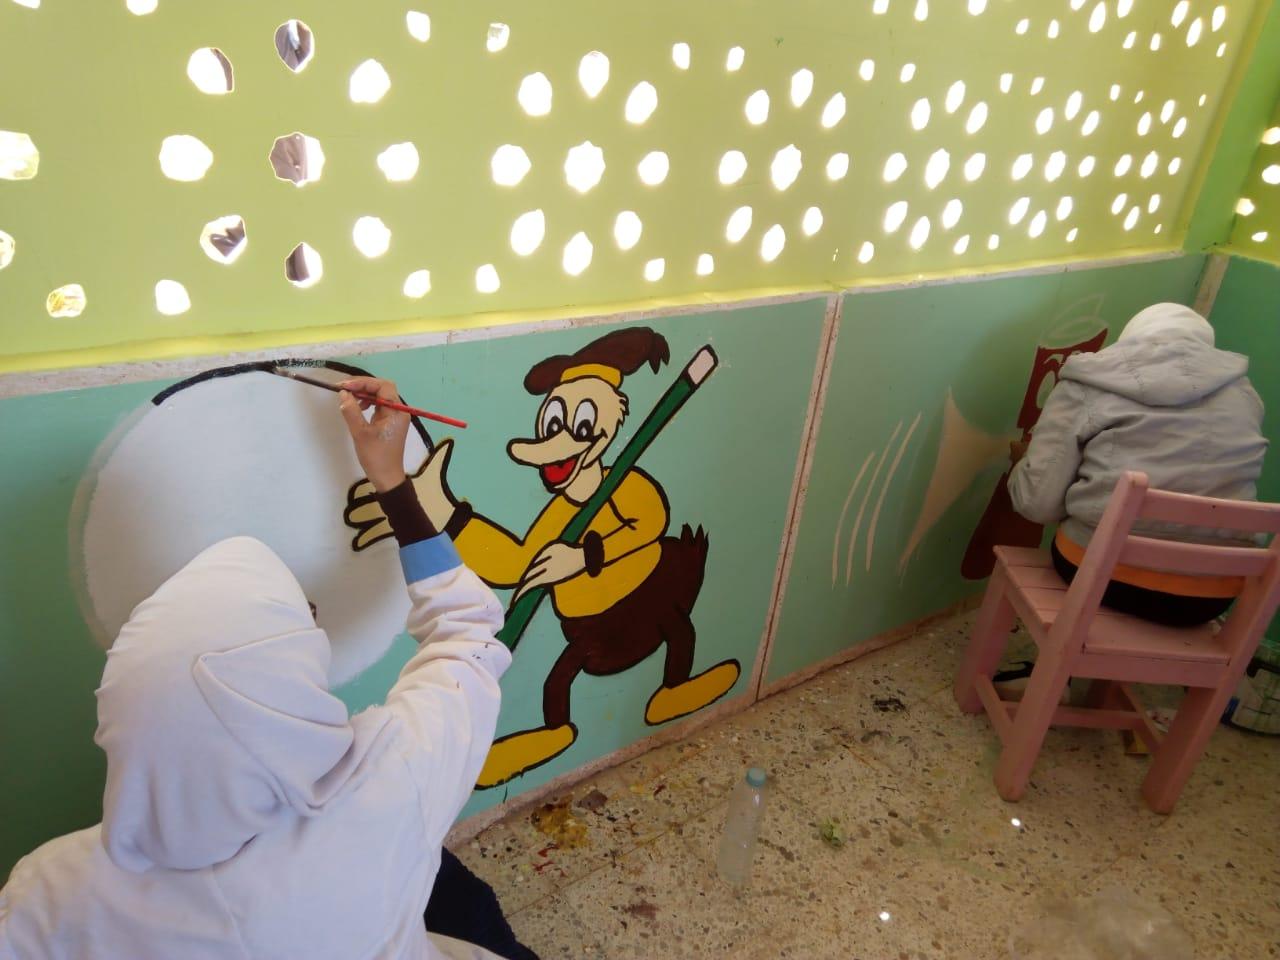 طالبات مدرسة موط الفنية ينفذن مبادرة تجميل أسوار المدارس بلوحات جدارية (2)